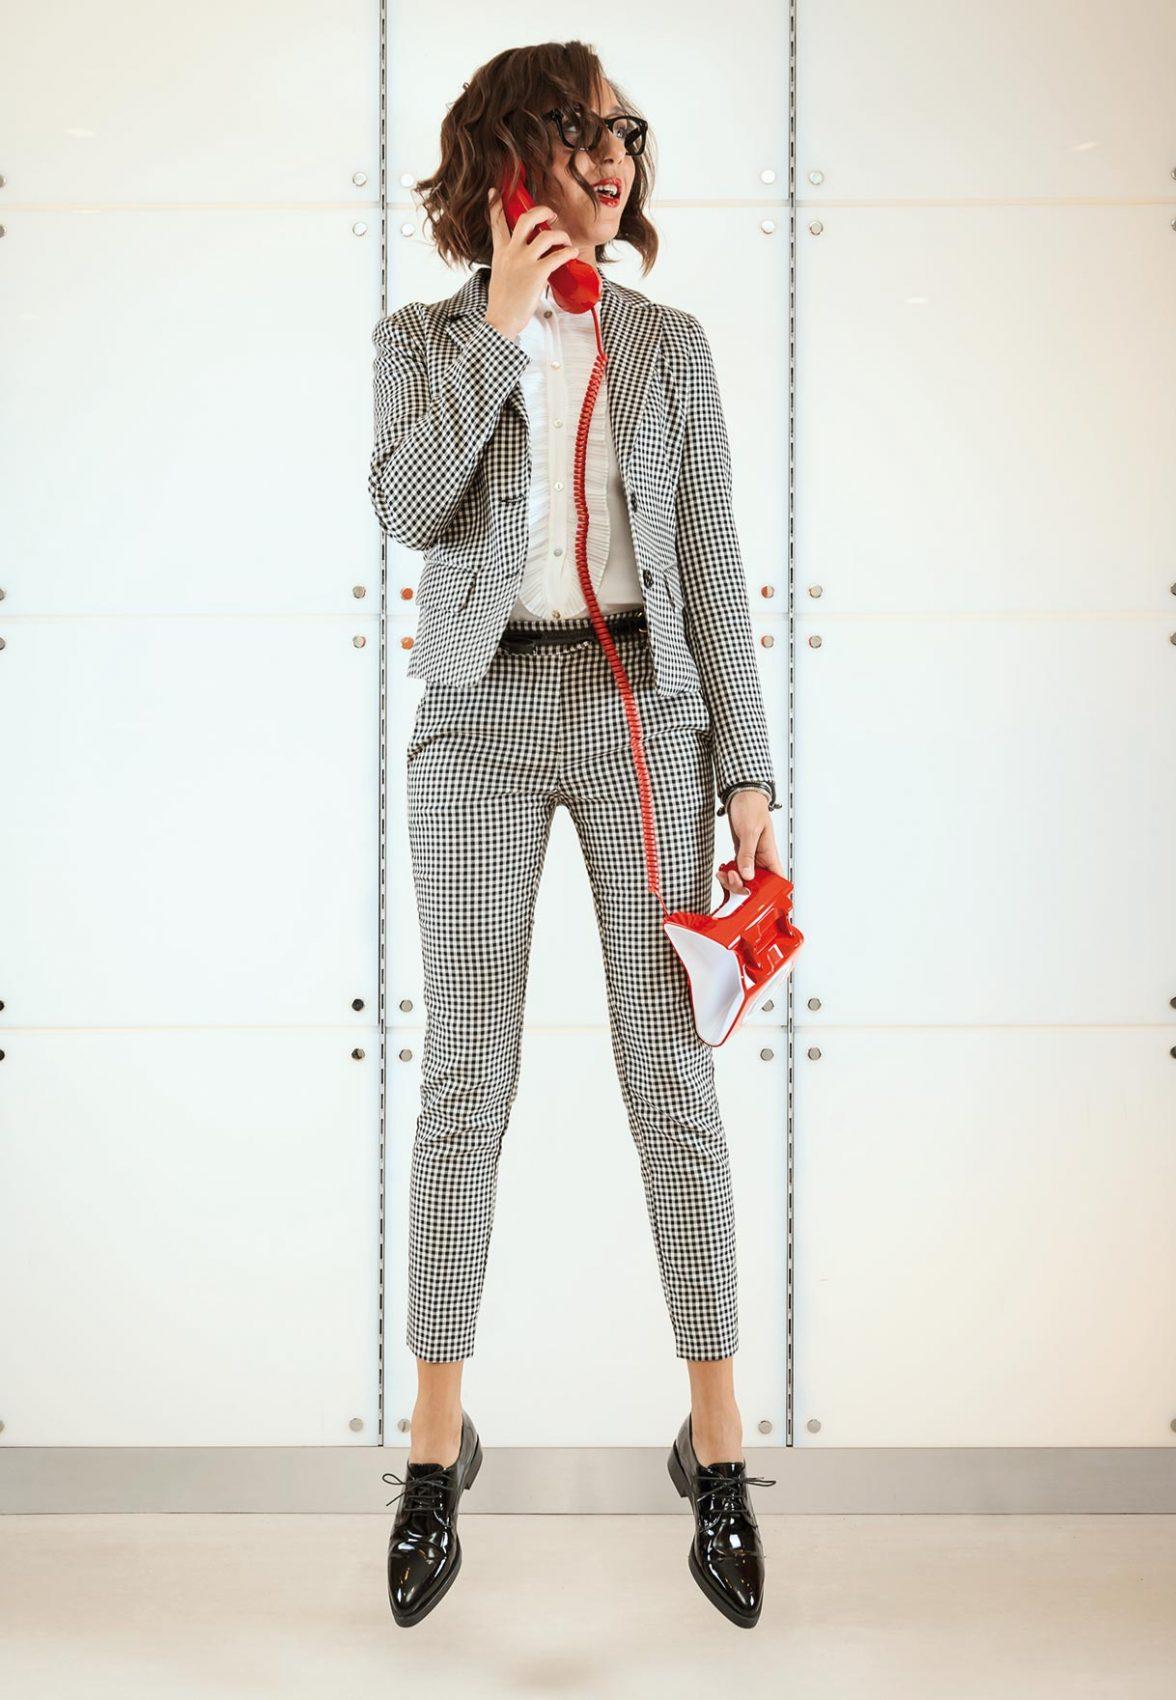 ABITI  Motivi tailleur composto da blazer in tessuto stretch lavorazione check black & white e pantalone dritto; camicia in cady con motivo plissé e bottoni in madreperla. SCARPE: Motivi - Cintura e stringate invernice. TELEFONO: Barton Sirio Classico. OCCHIALI: Ottica Dragoni - linea Prada, Modello: Vpr11s 1Ab1o1. - MAKE UP: Limoni - HAIR: Armonie